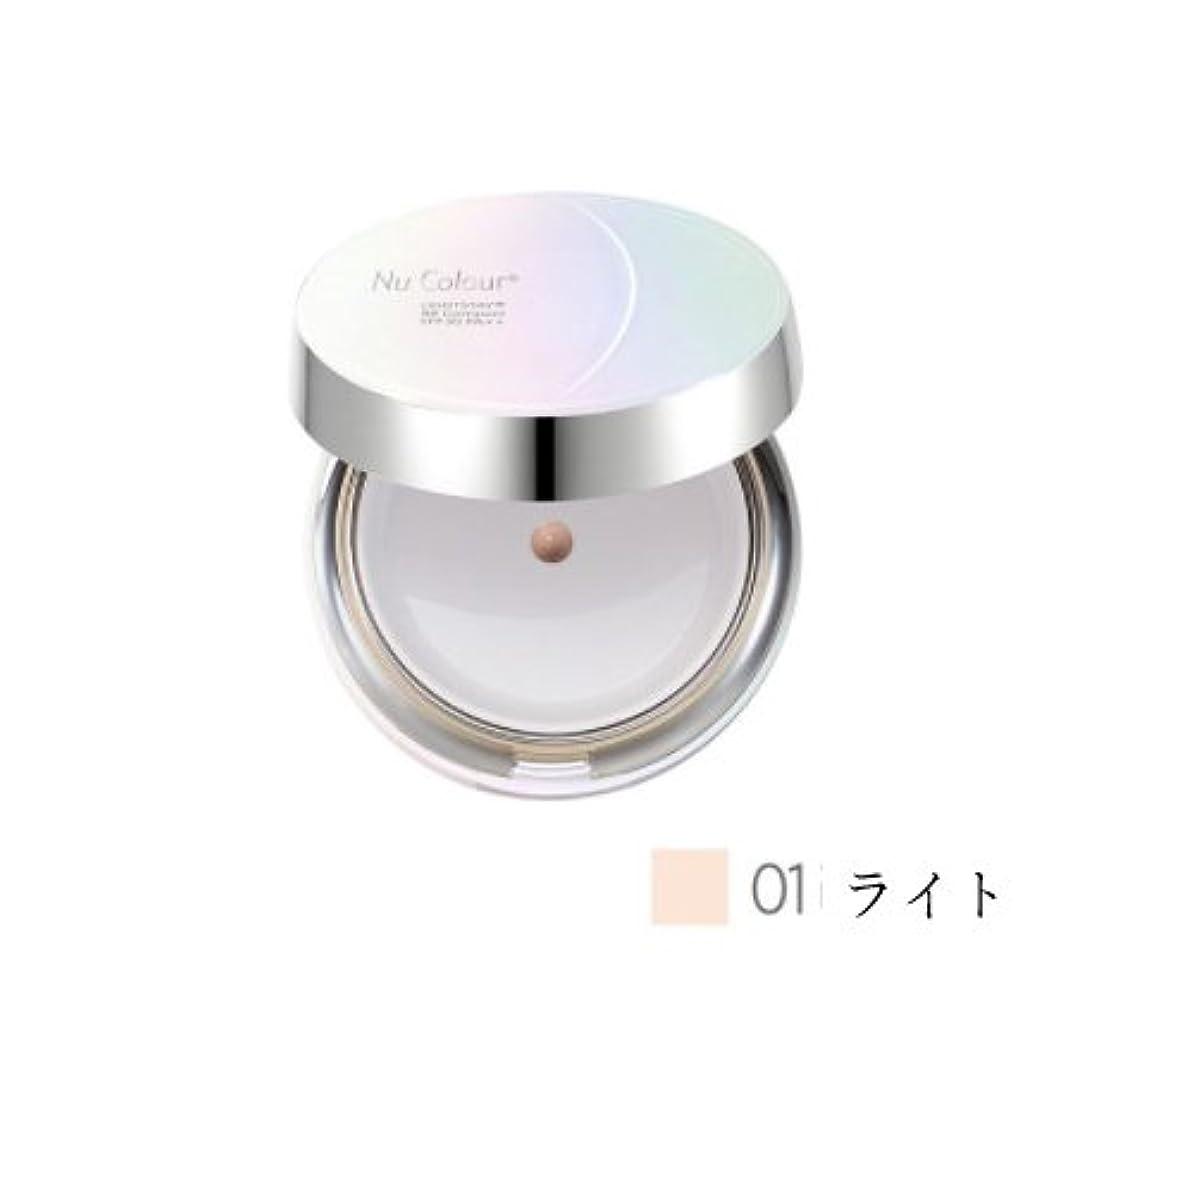 休憩空白分子ニュースキン ライトステイビビコンパクトSPF30 PA++01ライト BB Compact 01 Light [並行輸入品]